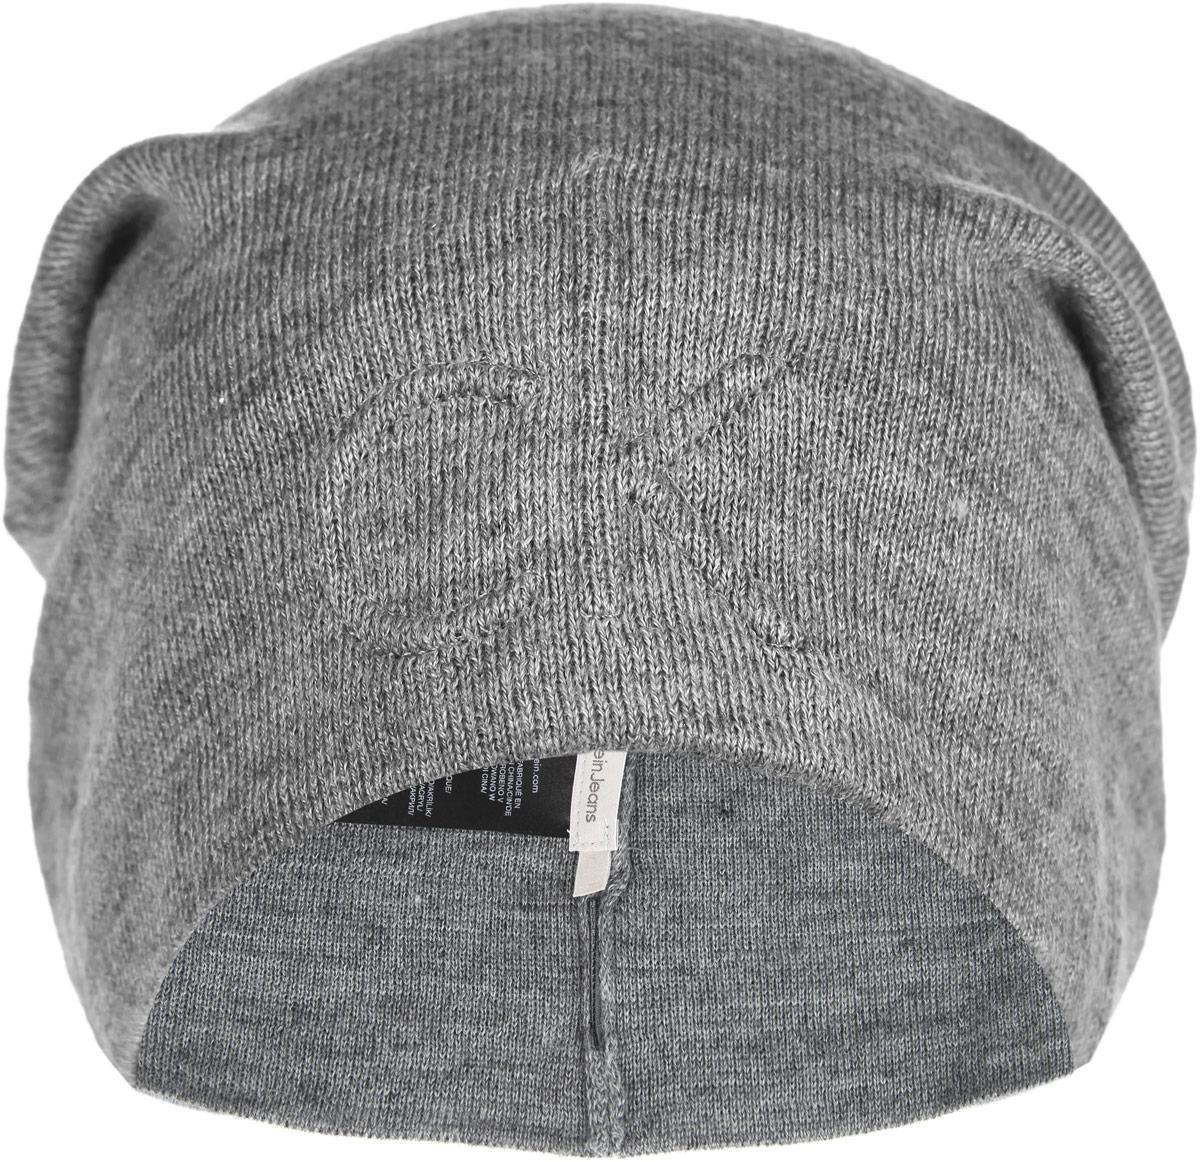 Шапка мужская. K50K501402K50K501402Стильная мужская шапка Calvin Klein Jeans отлично подойдет для повседневной носки в прохладную погоду. Шапка выполнена из высококачественной шерсти и акрила, что позволяет ей максимально сохранять тепло и обеспечивает идеальную посадку. Удлиненная модель шапки украшена спереди вышитым фирменным логотипом. Такая шапка станет модным дополнением вашего гардероба, а также подарит вам ощущение тепла и комфорта.